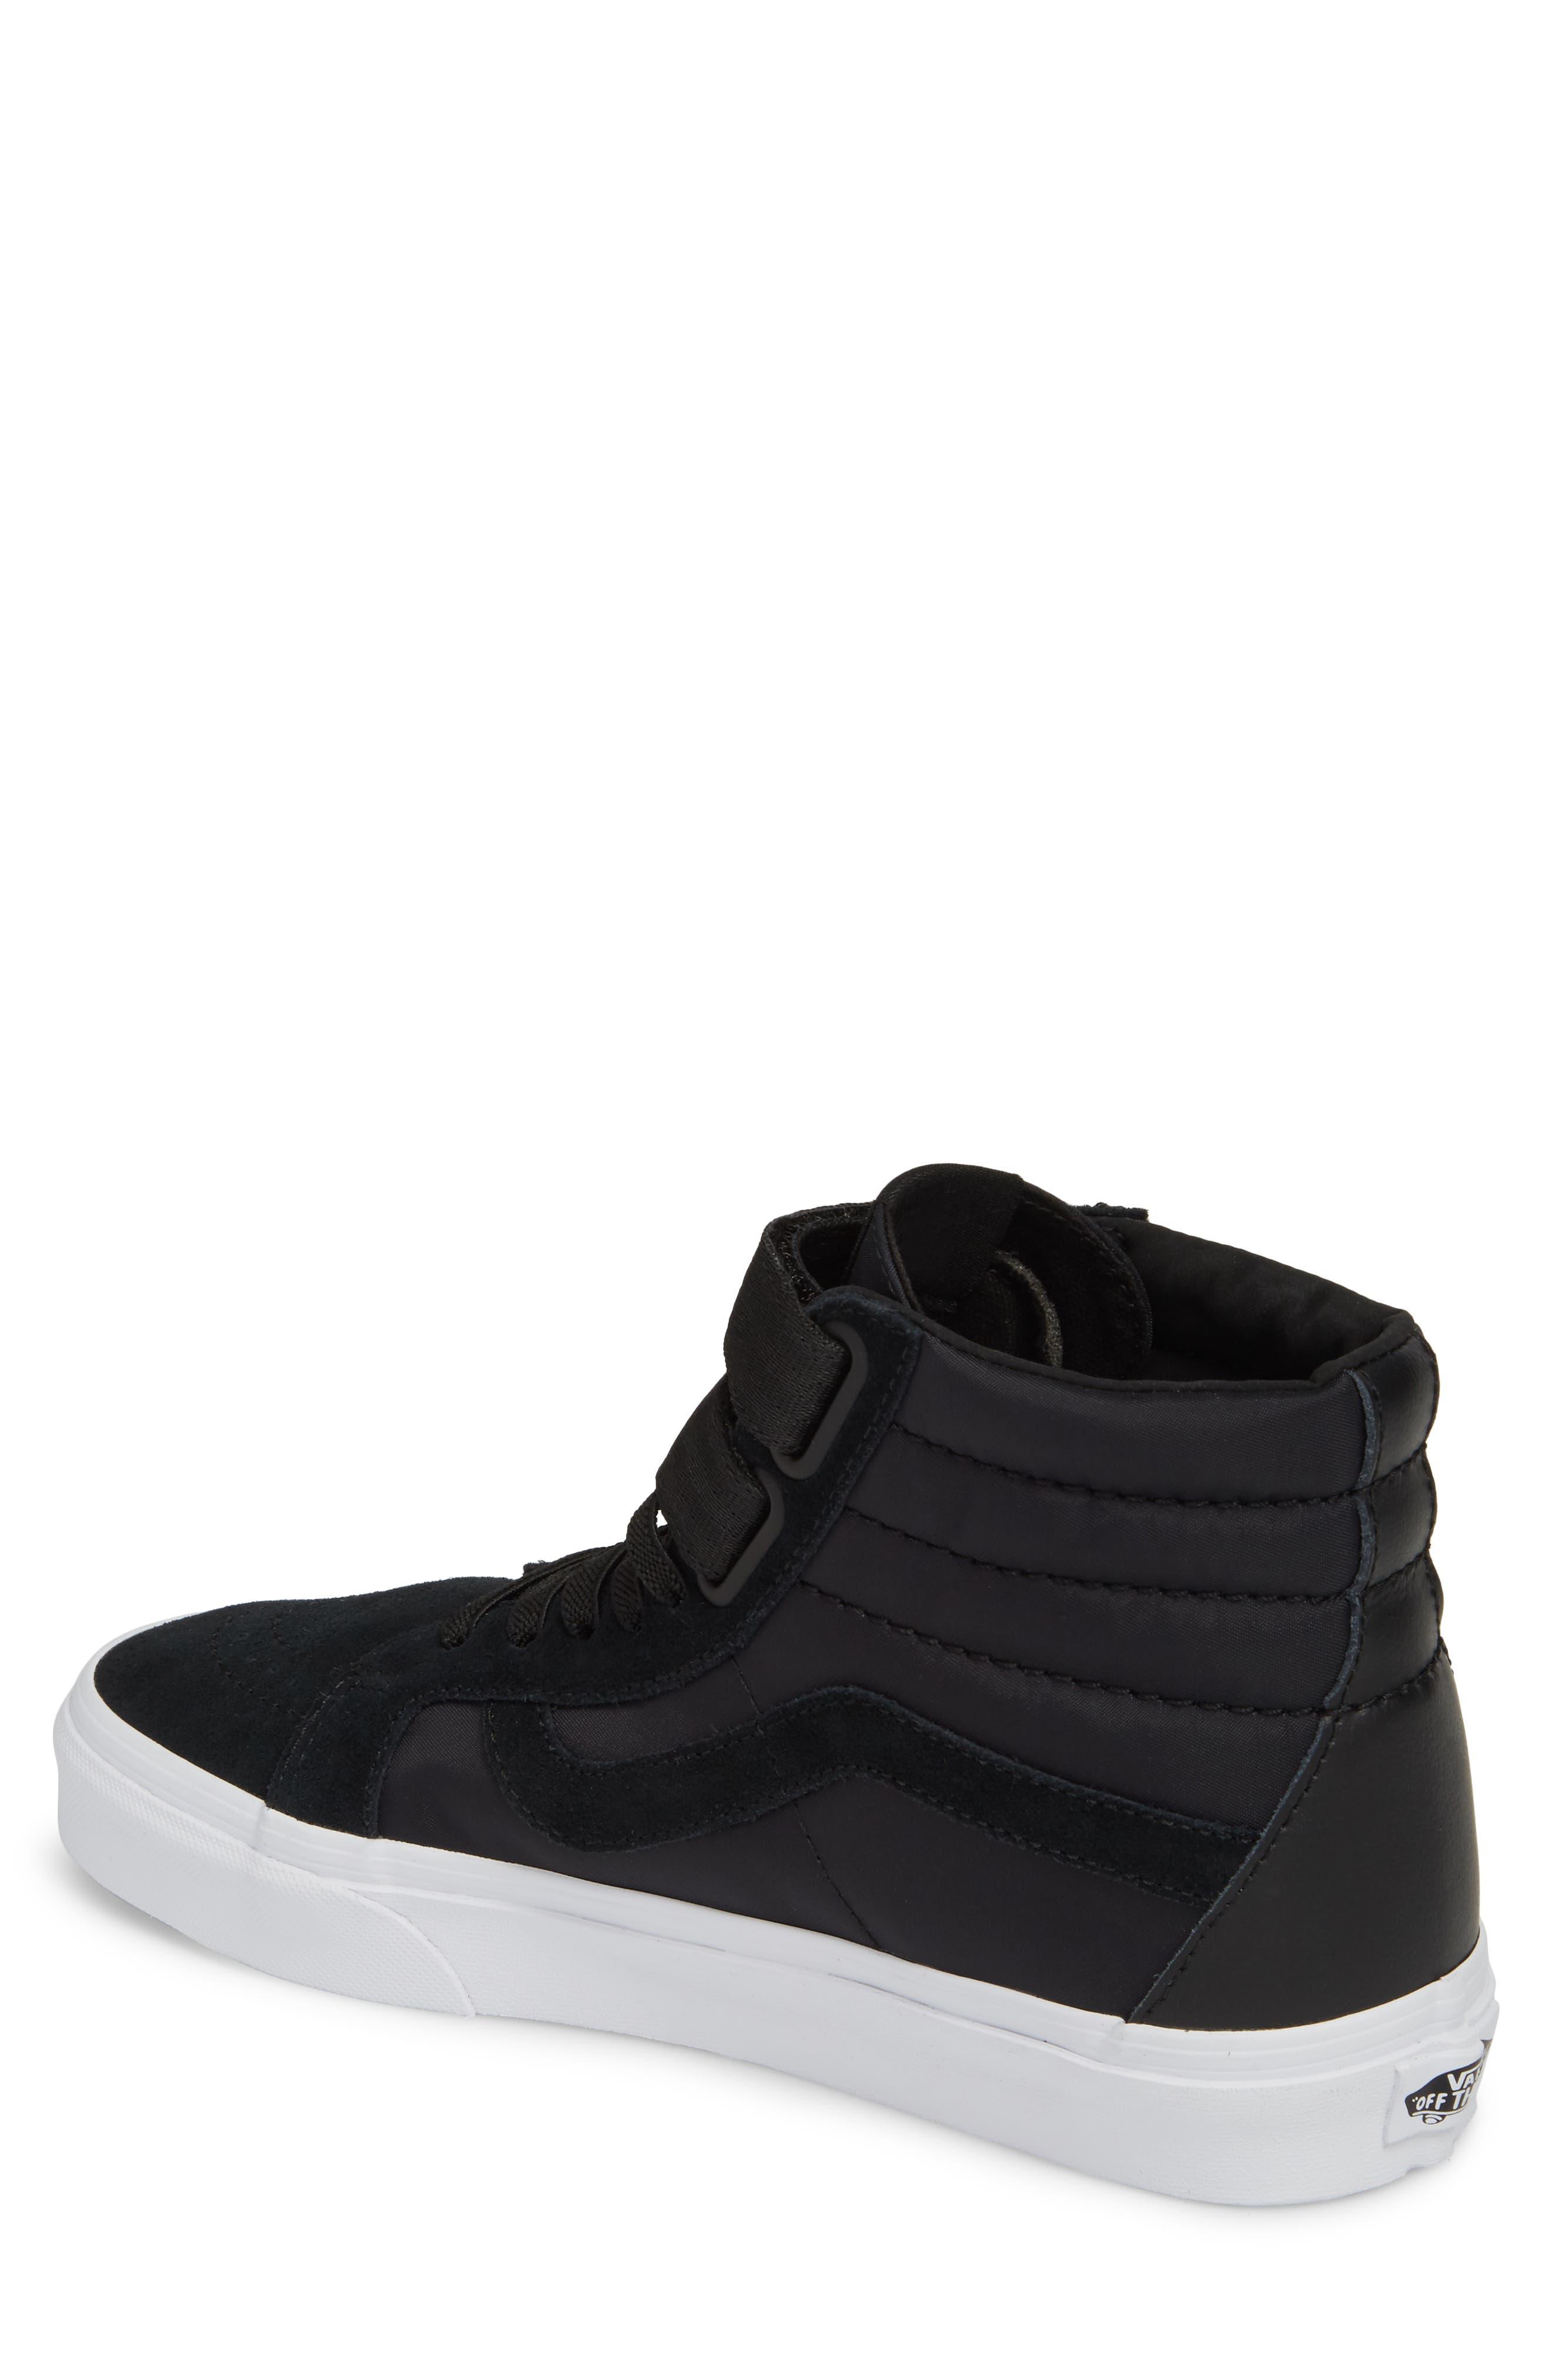 Sk8-Hi Reissue V Sneaker,                             Alternate thumbnail 2, color,                             002